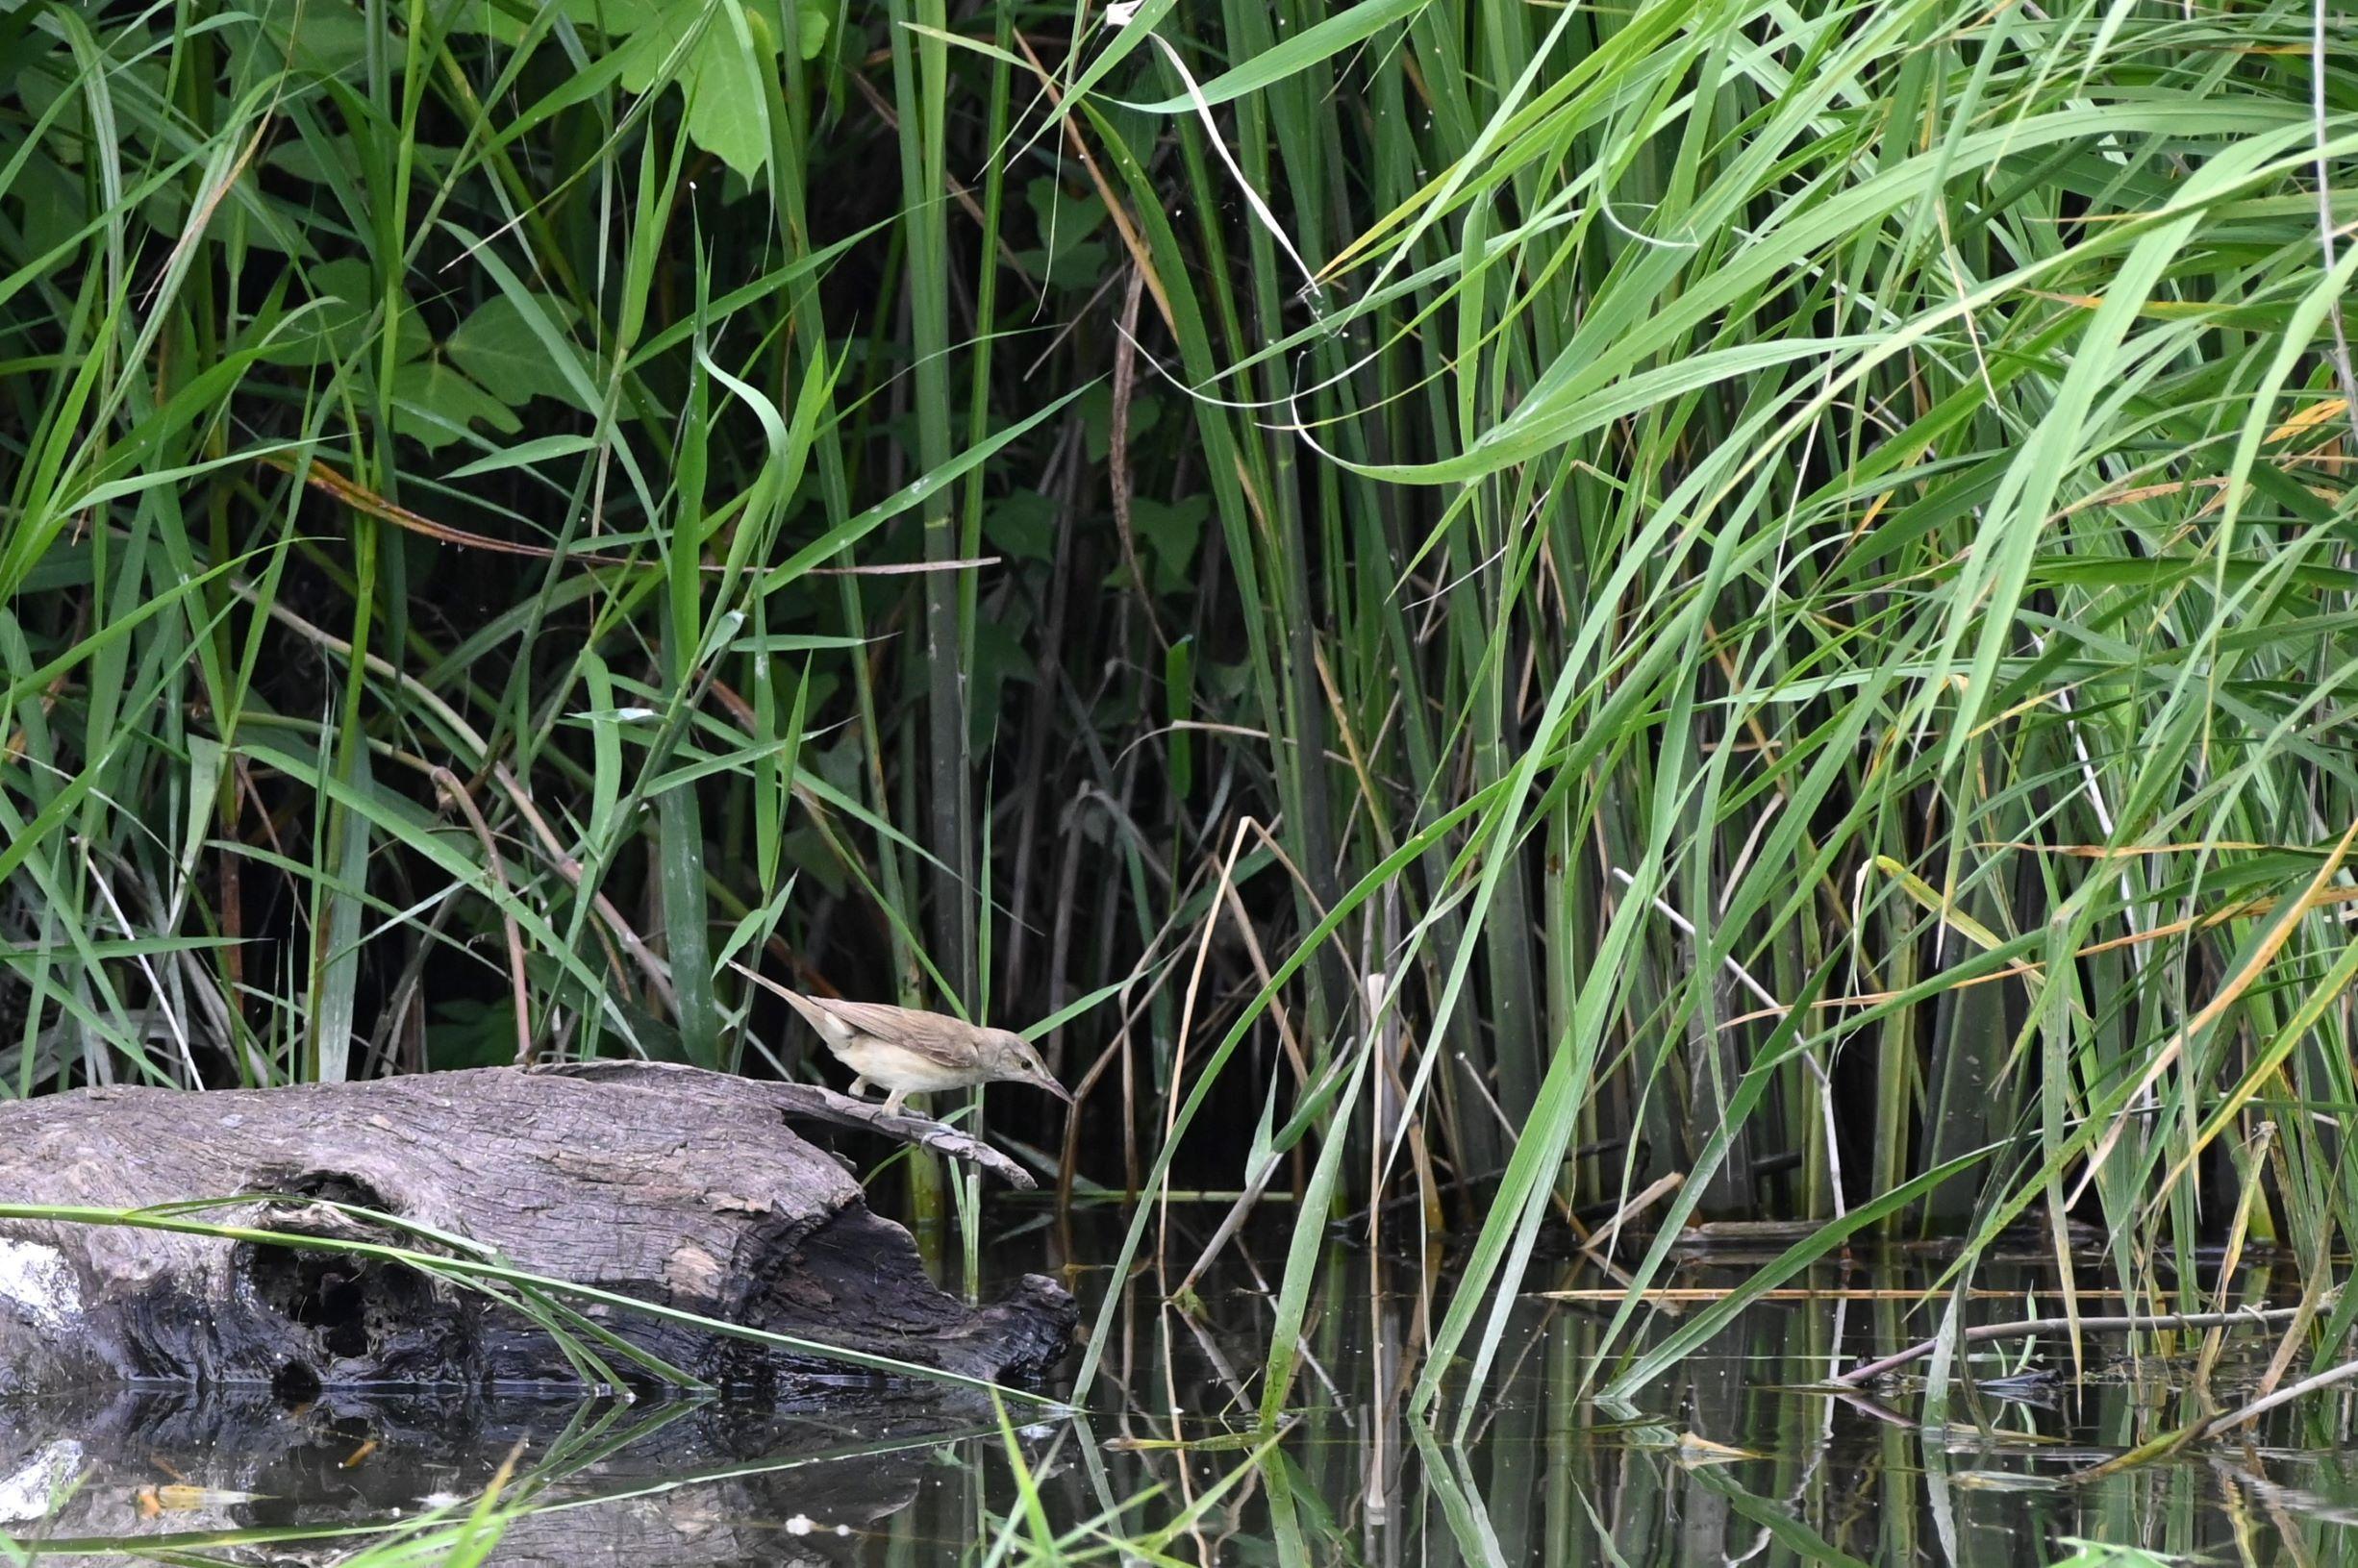 信州安曇野 7月の御宝田遊水池 Z6で撮影した野鳥を紹介